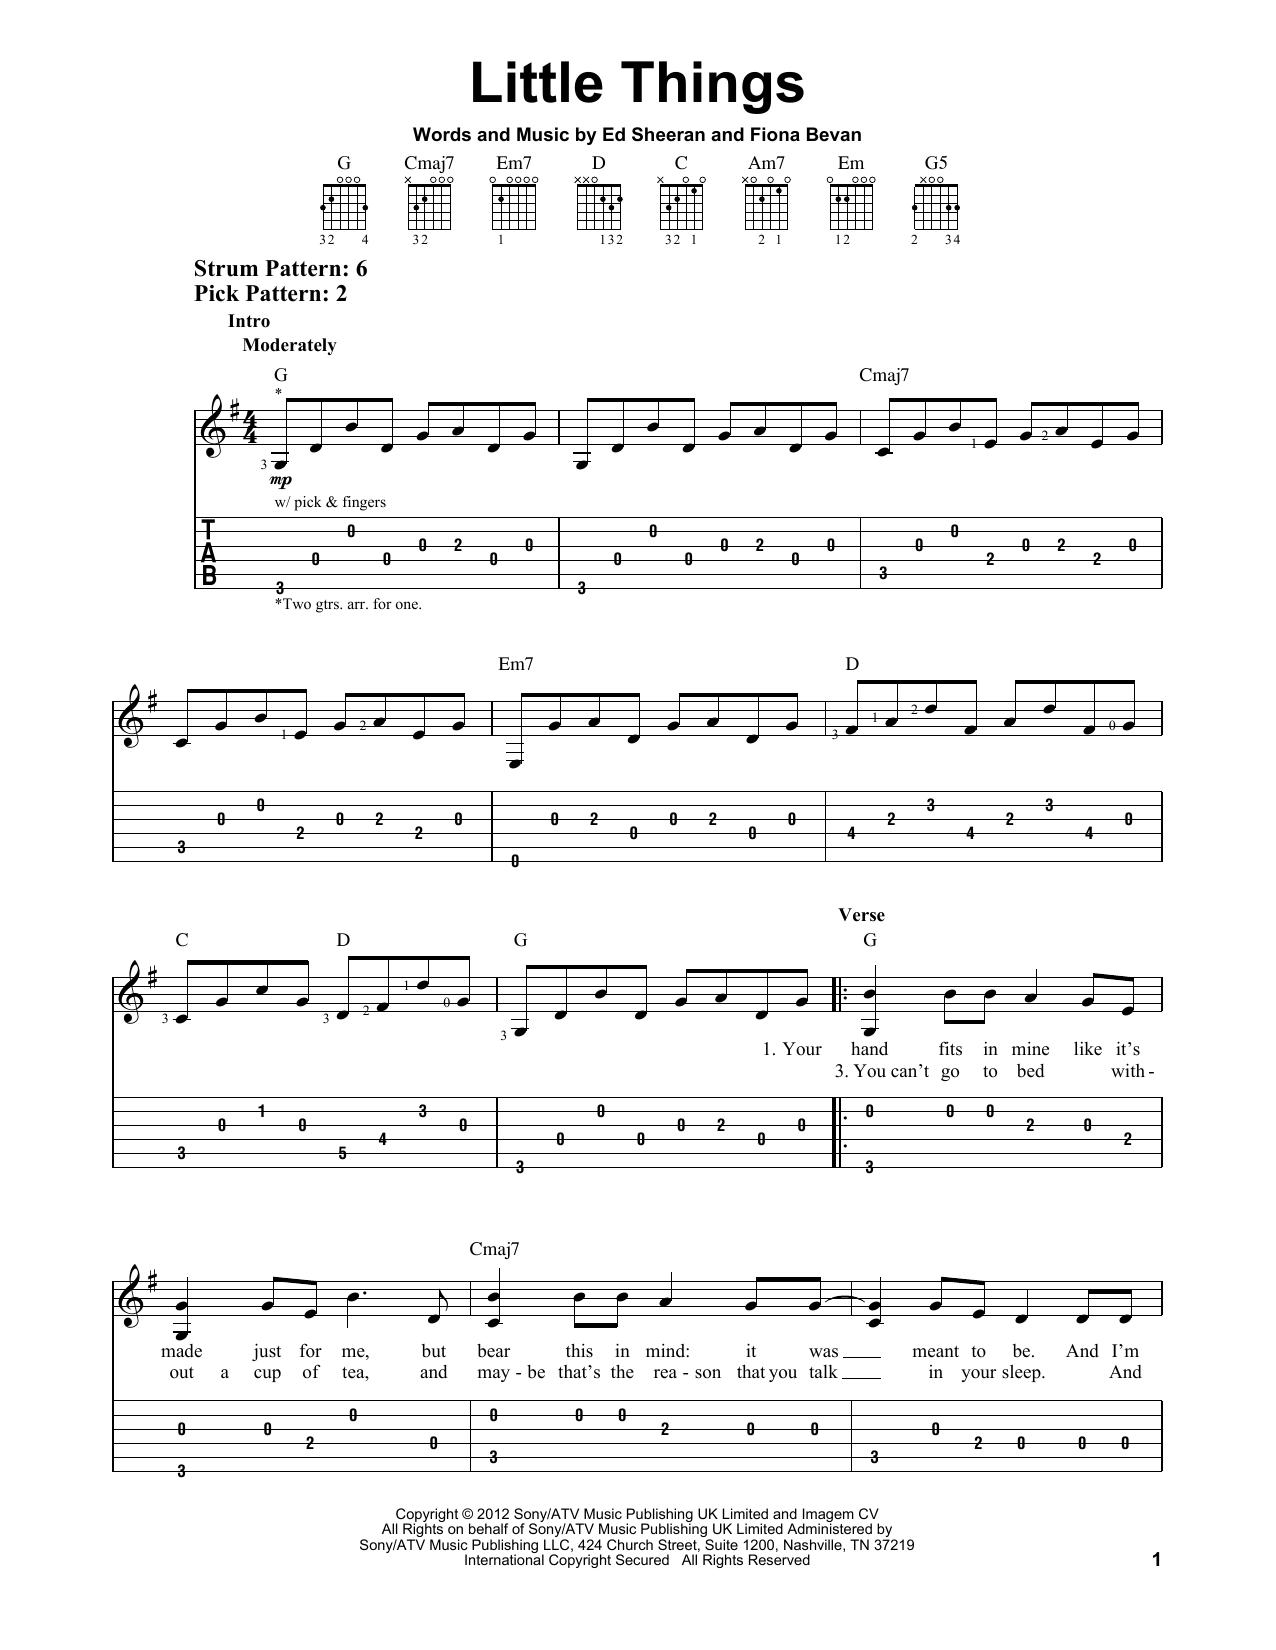 Bon jovi guitar chords